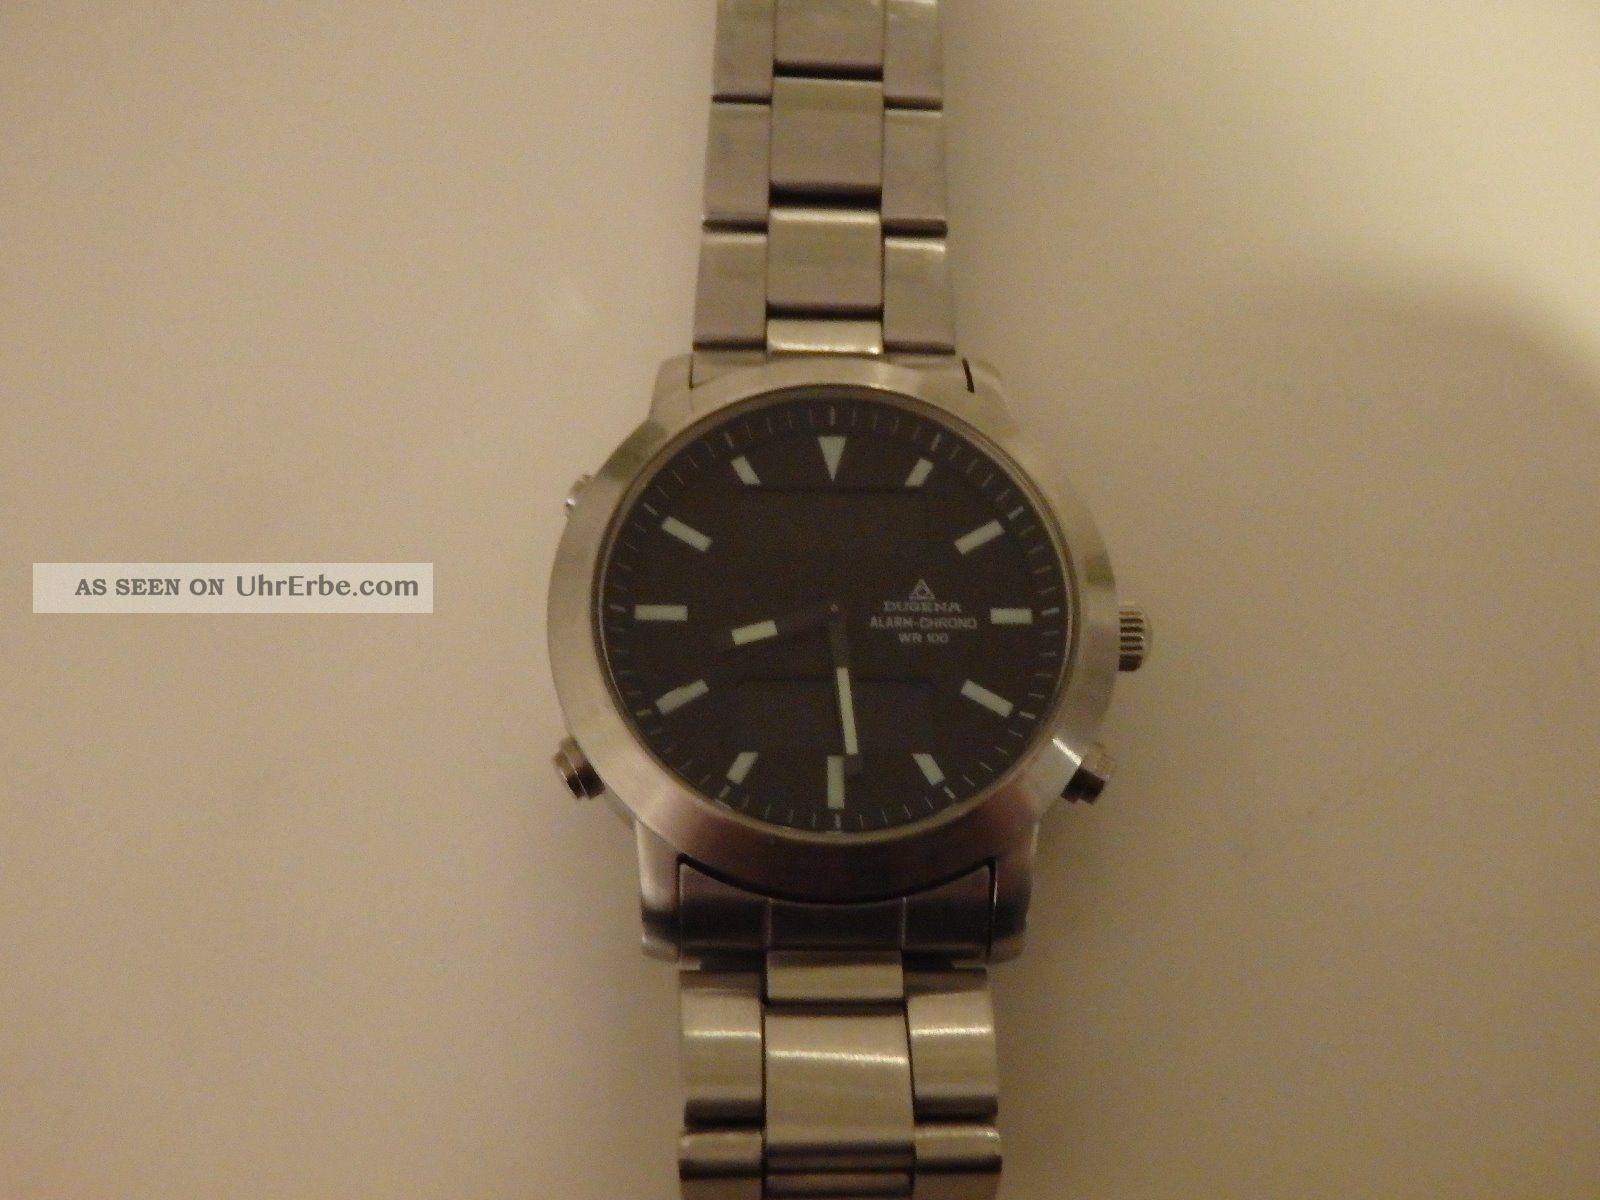 Dugena Alarm - Chrono - Cal.  T241 - 2022947 - Schöne Uhr - Analog / Digital Armbanduhren Bild